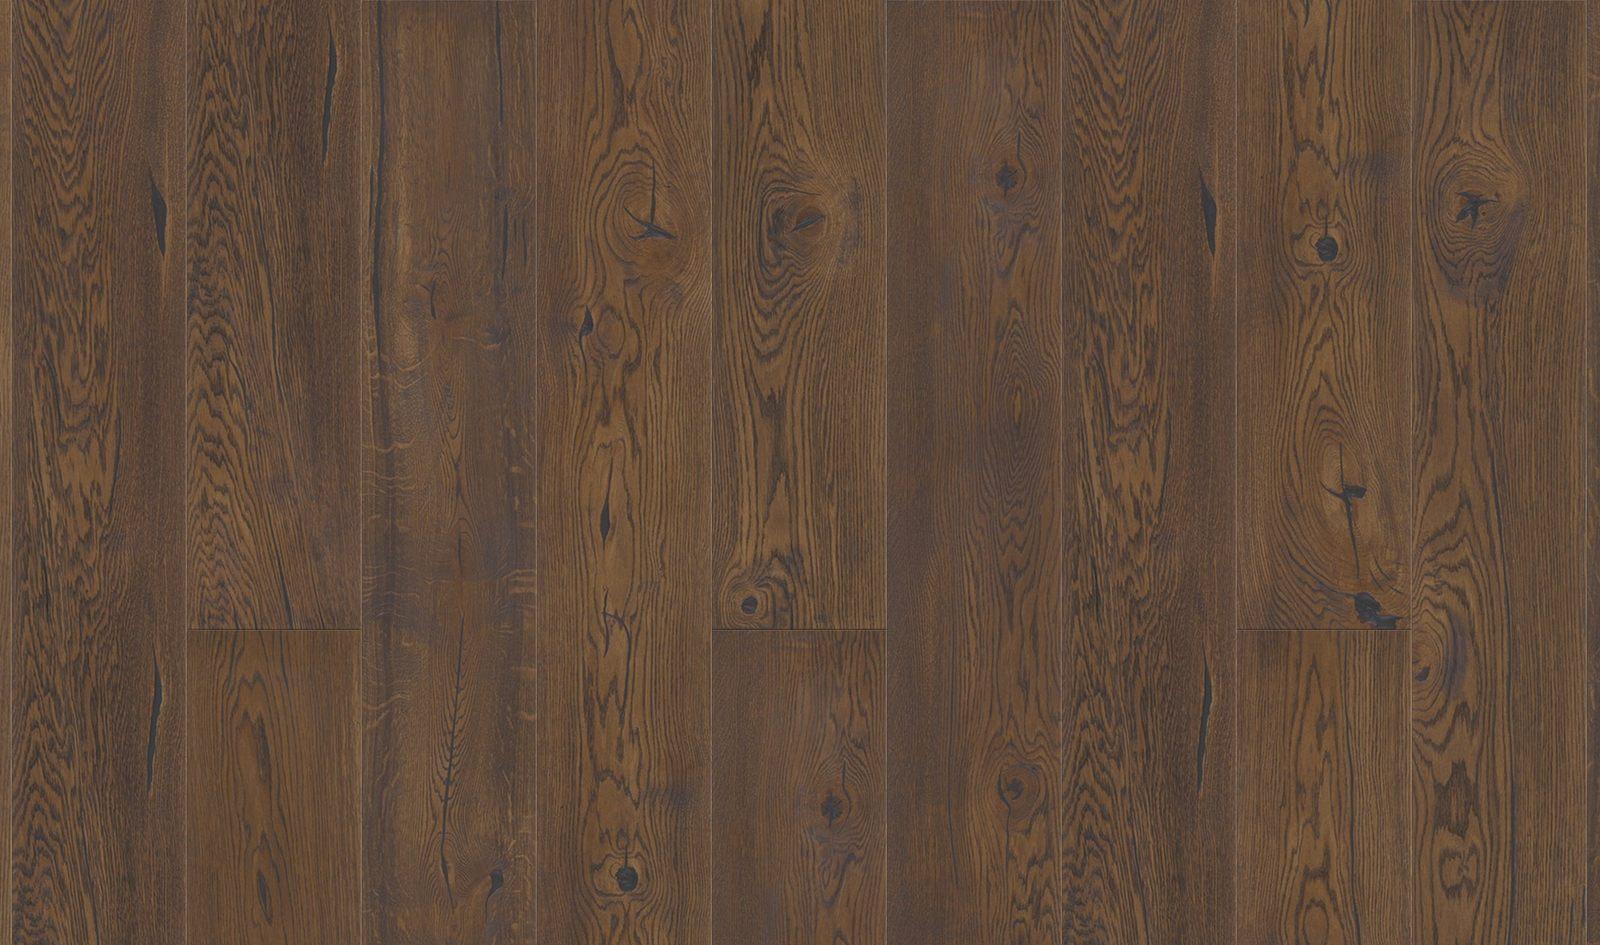 Boen Hardwood Flooring Oak Antique Brown